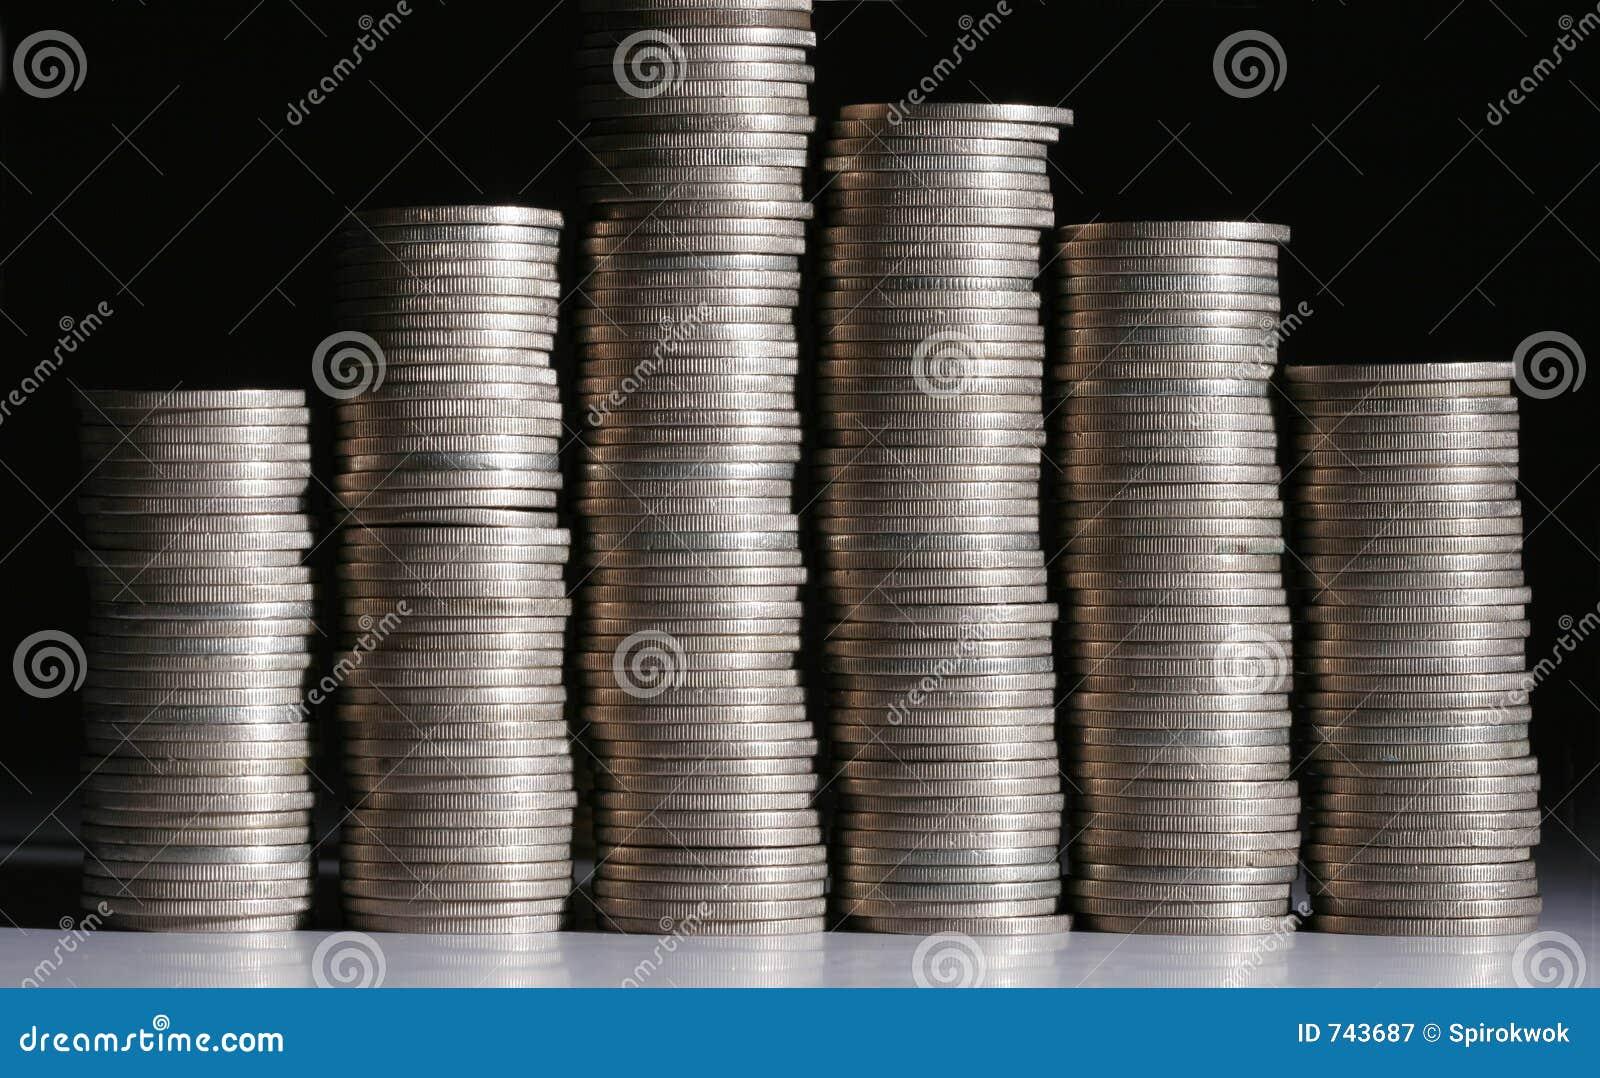 Coins_005